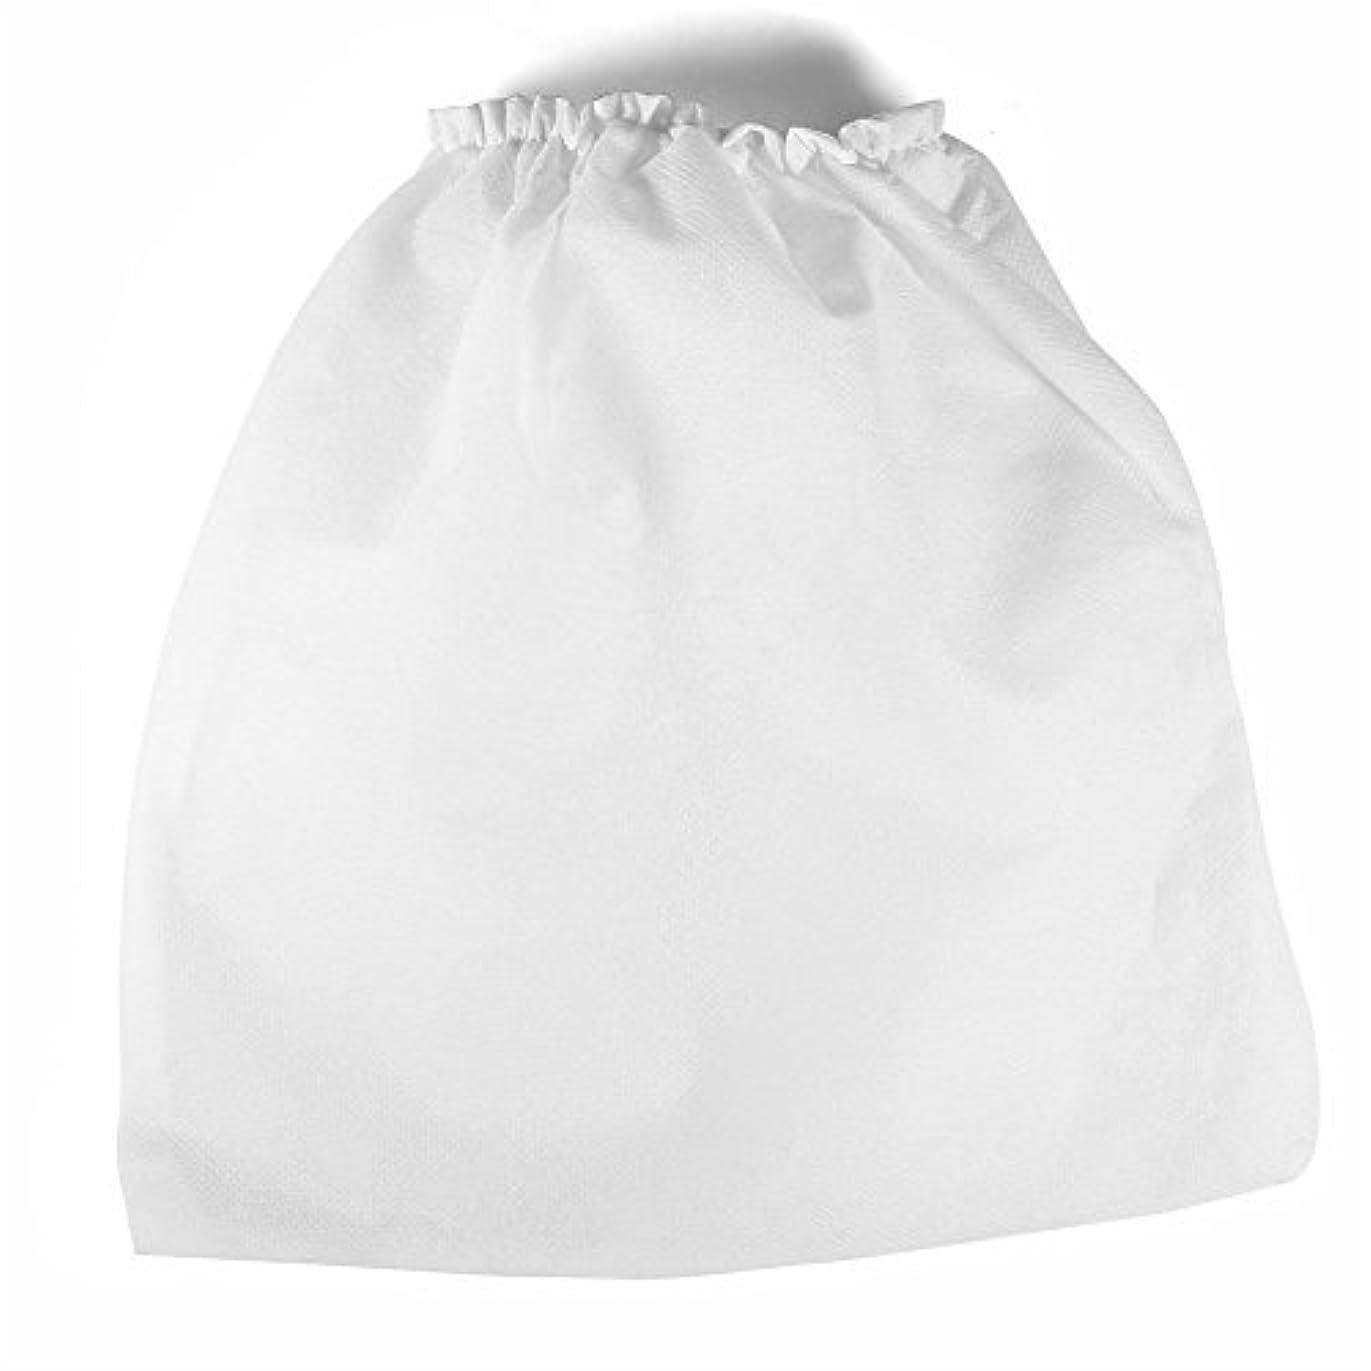 安息かすれた丁寧ネイル不織布掃除機 ストコレクター ネイルのほこりを吸って 収集袋10枚